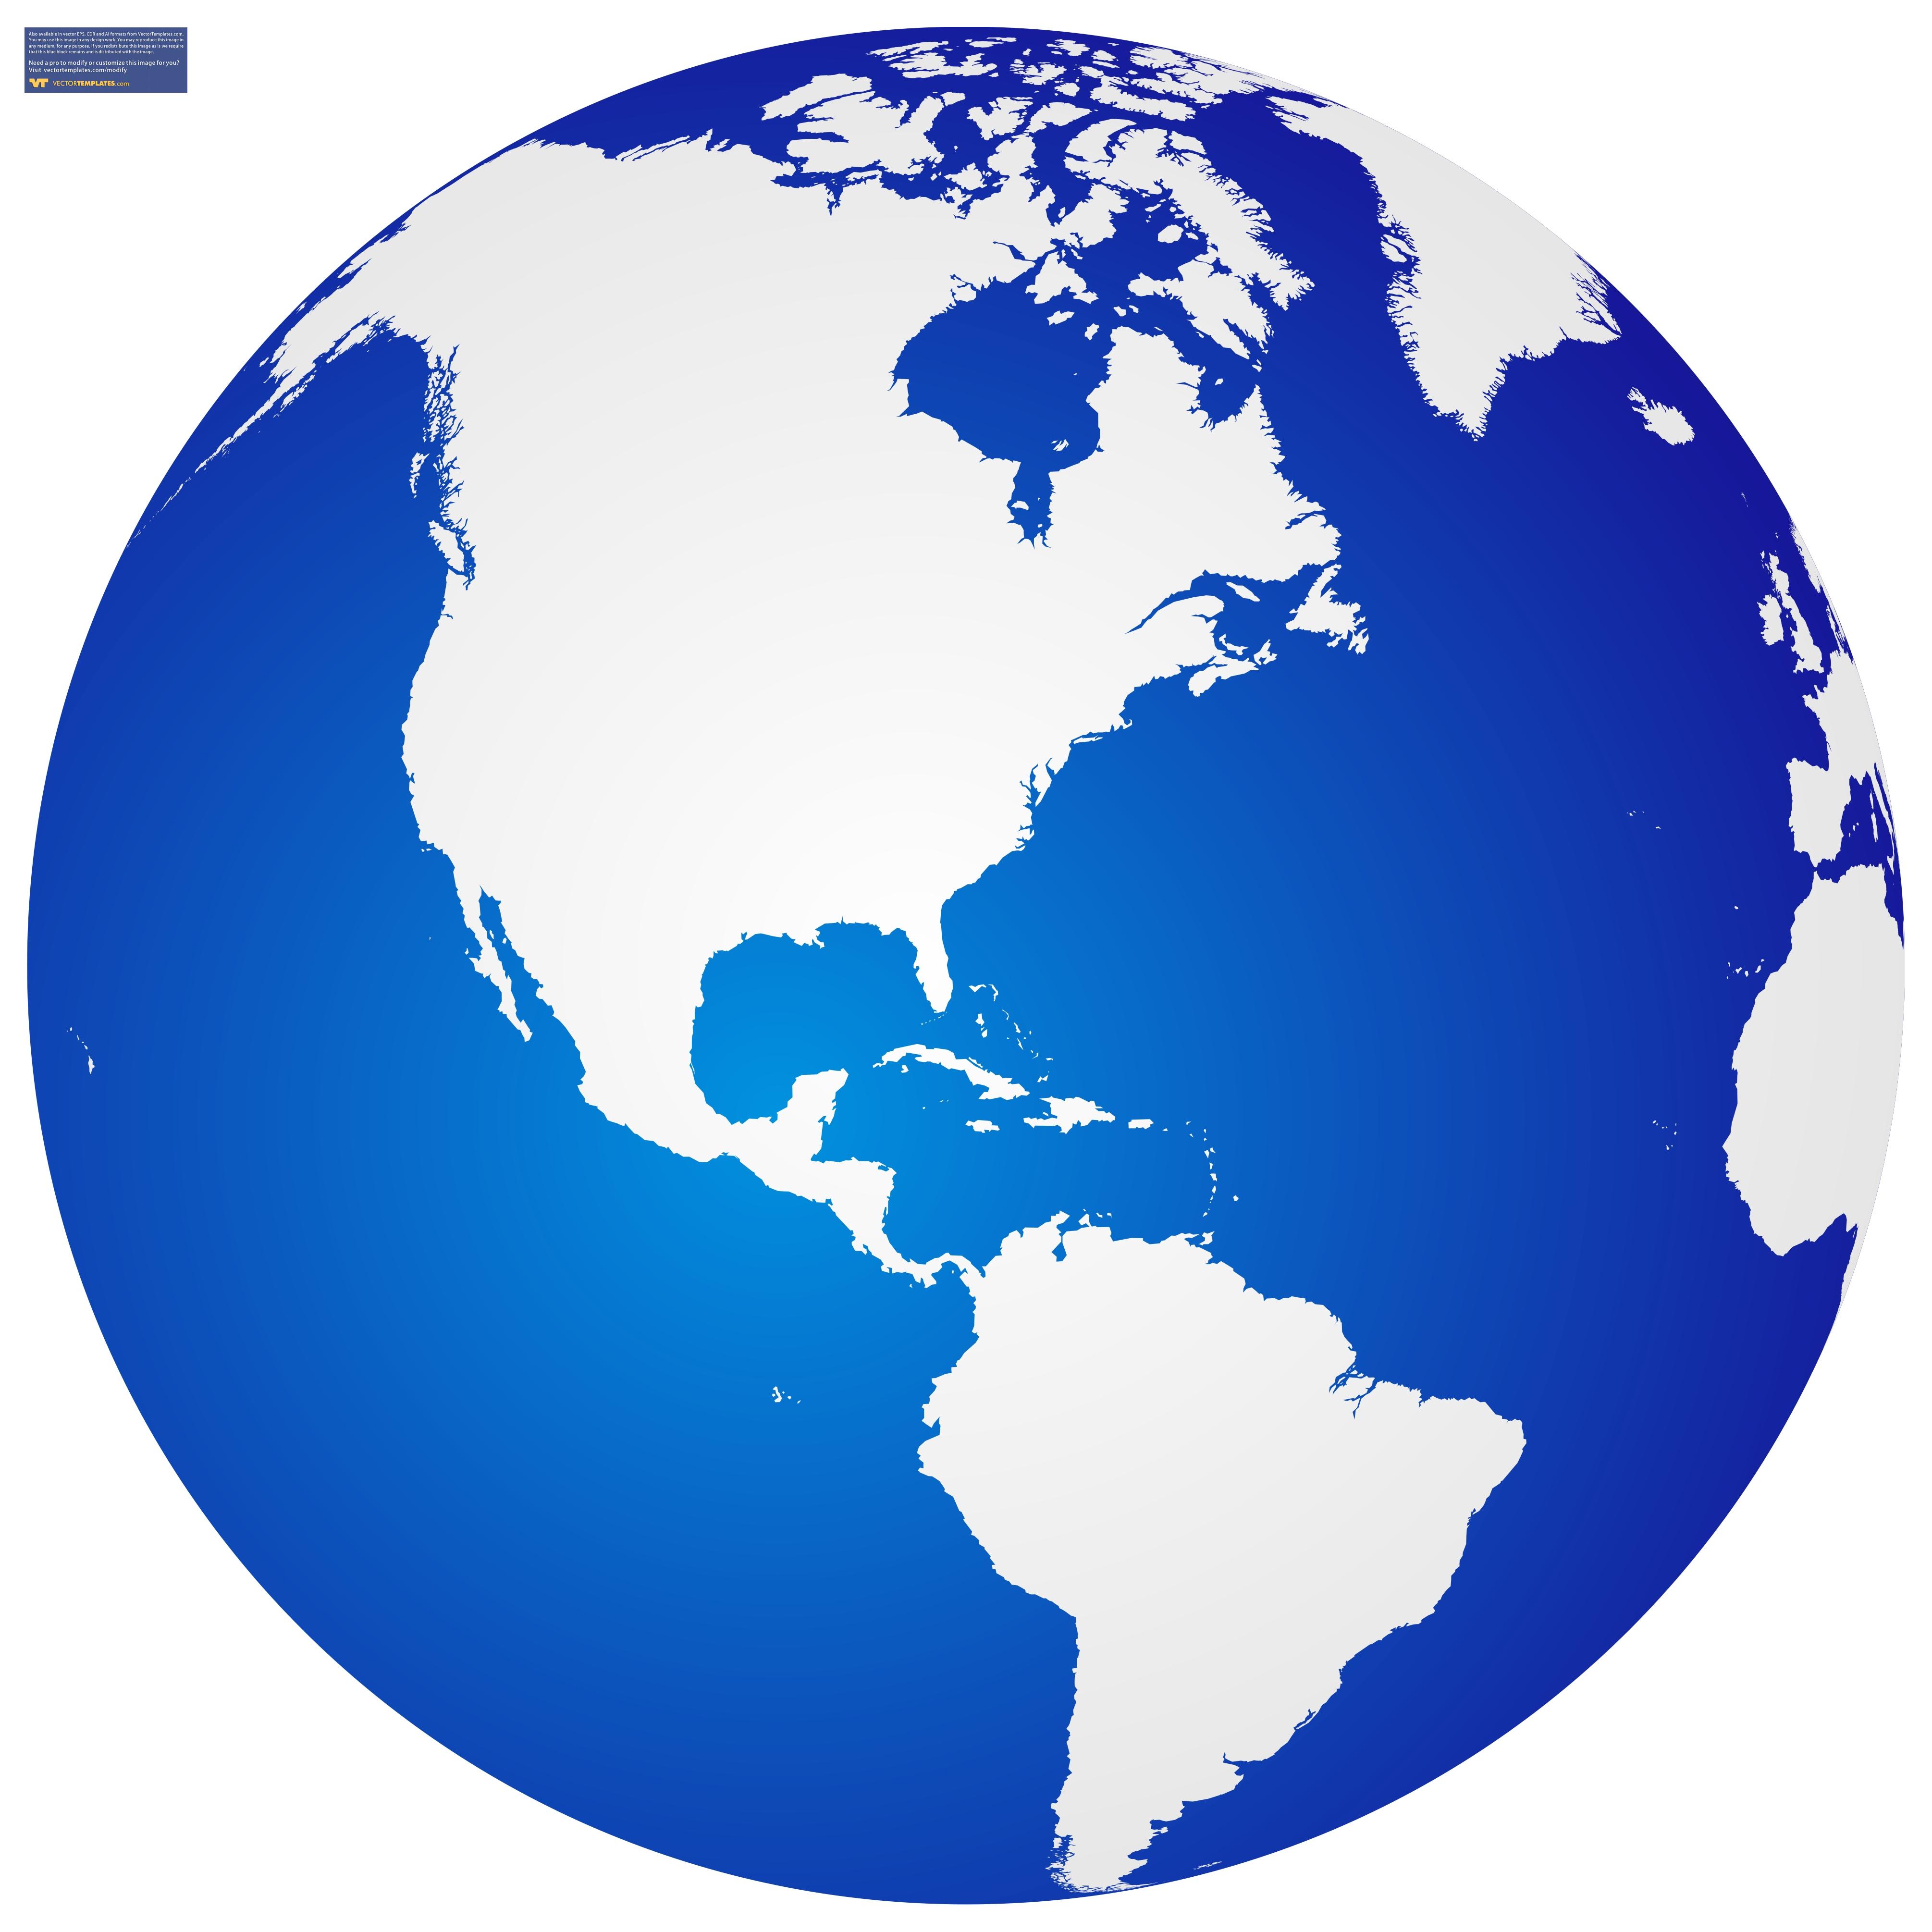 Globe vector clipart